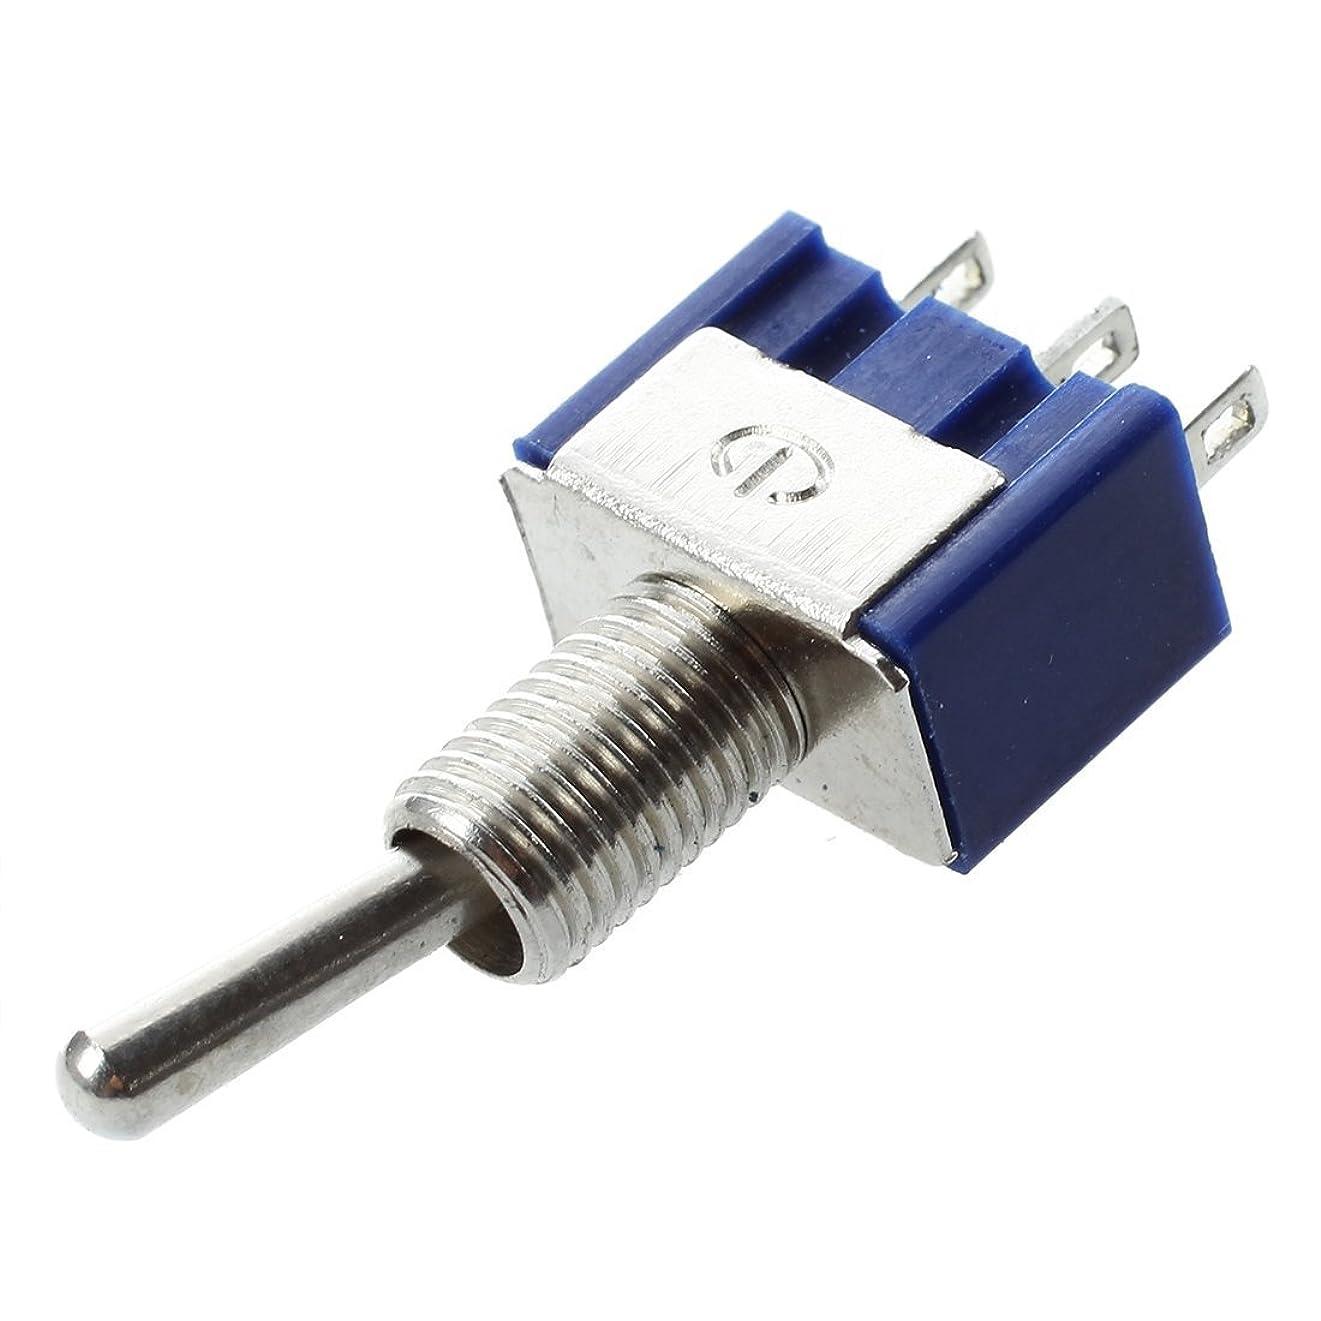 メリーラショナルハブブHommy AC 125V 6A単極双投SPDTオン/オントグルスイッチ5個